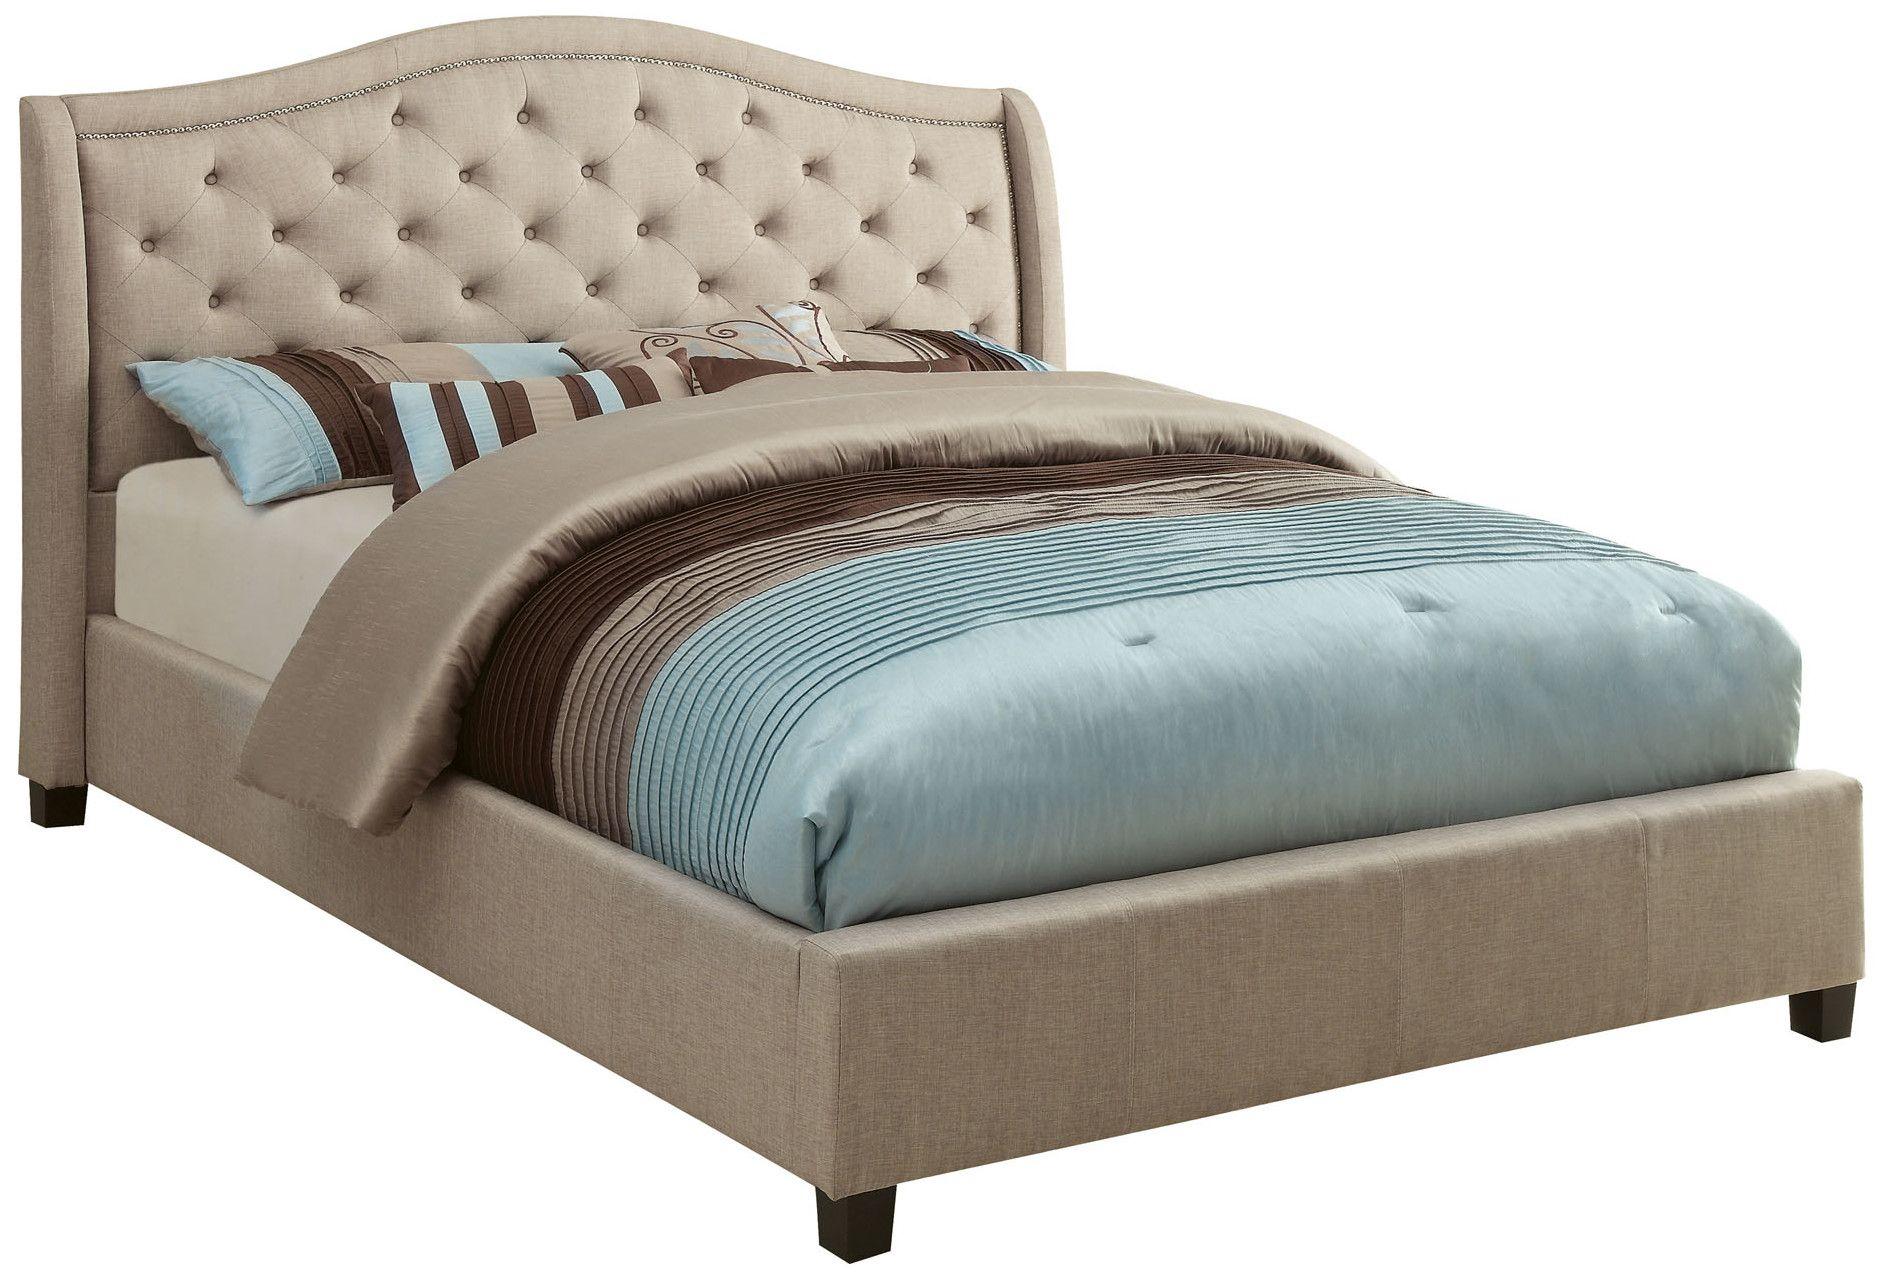 Alaina Upholstered Bed  Upholstered platform bed, Upholstered